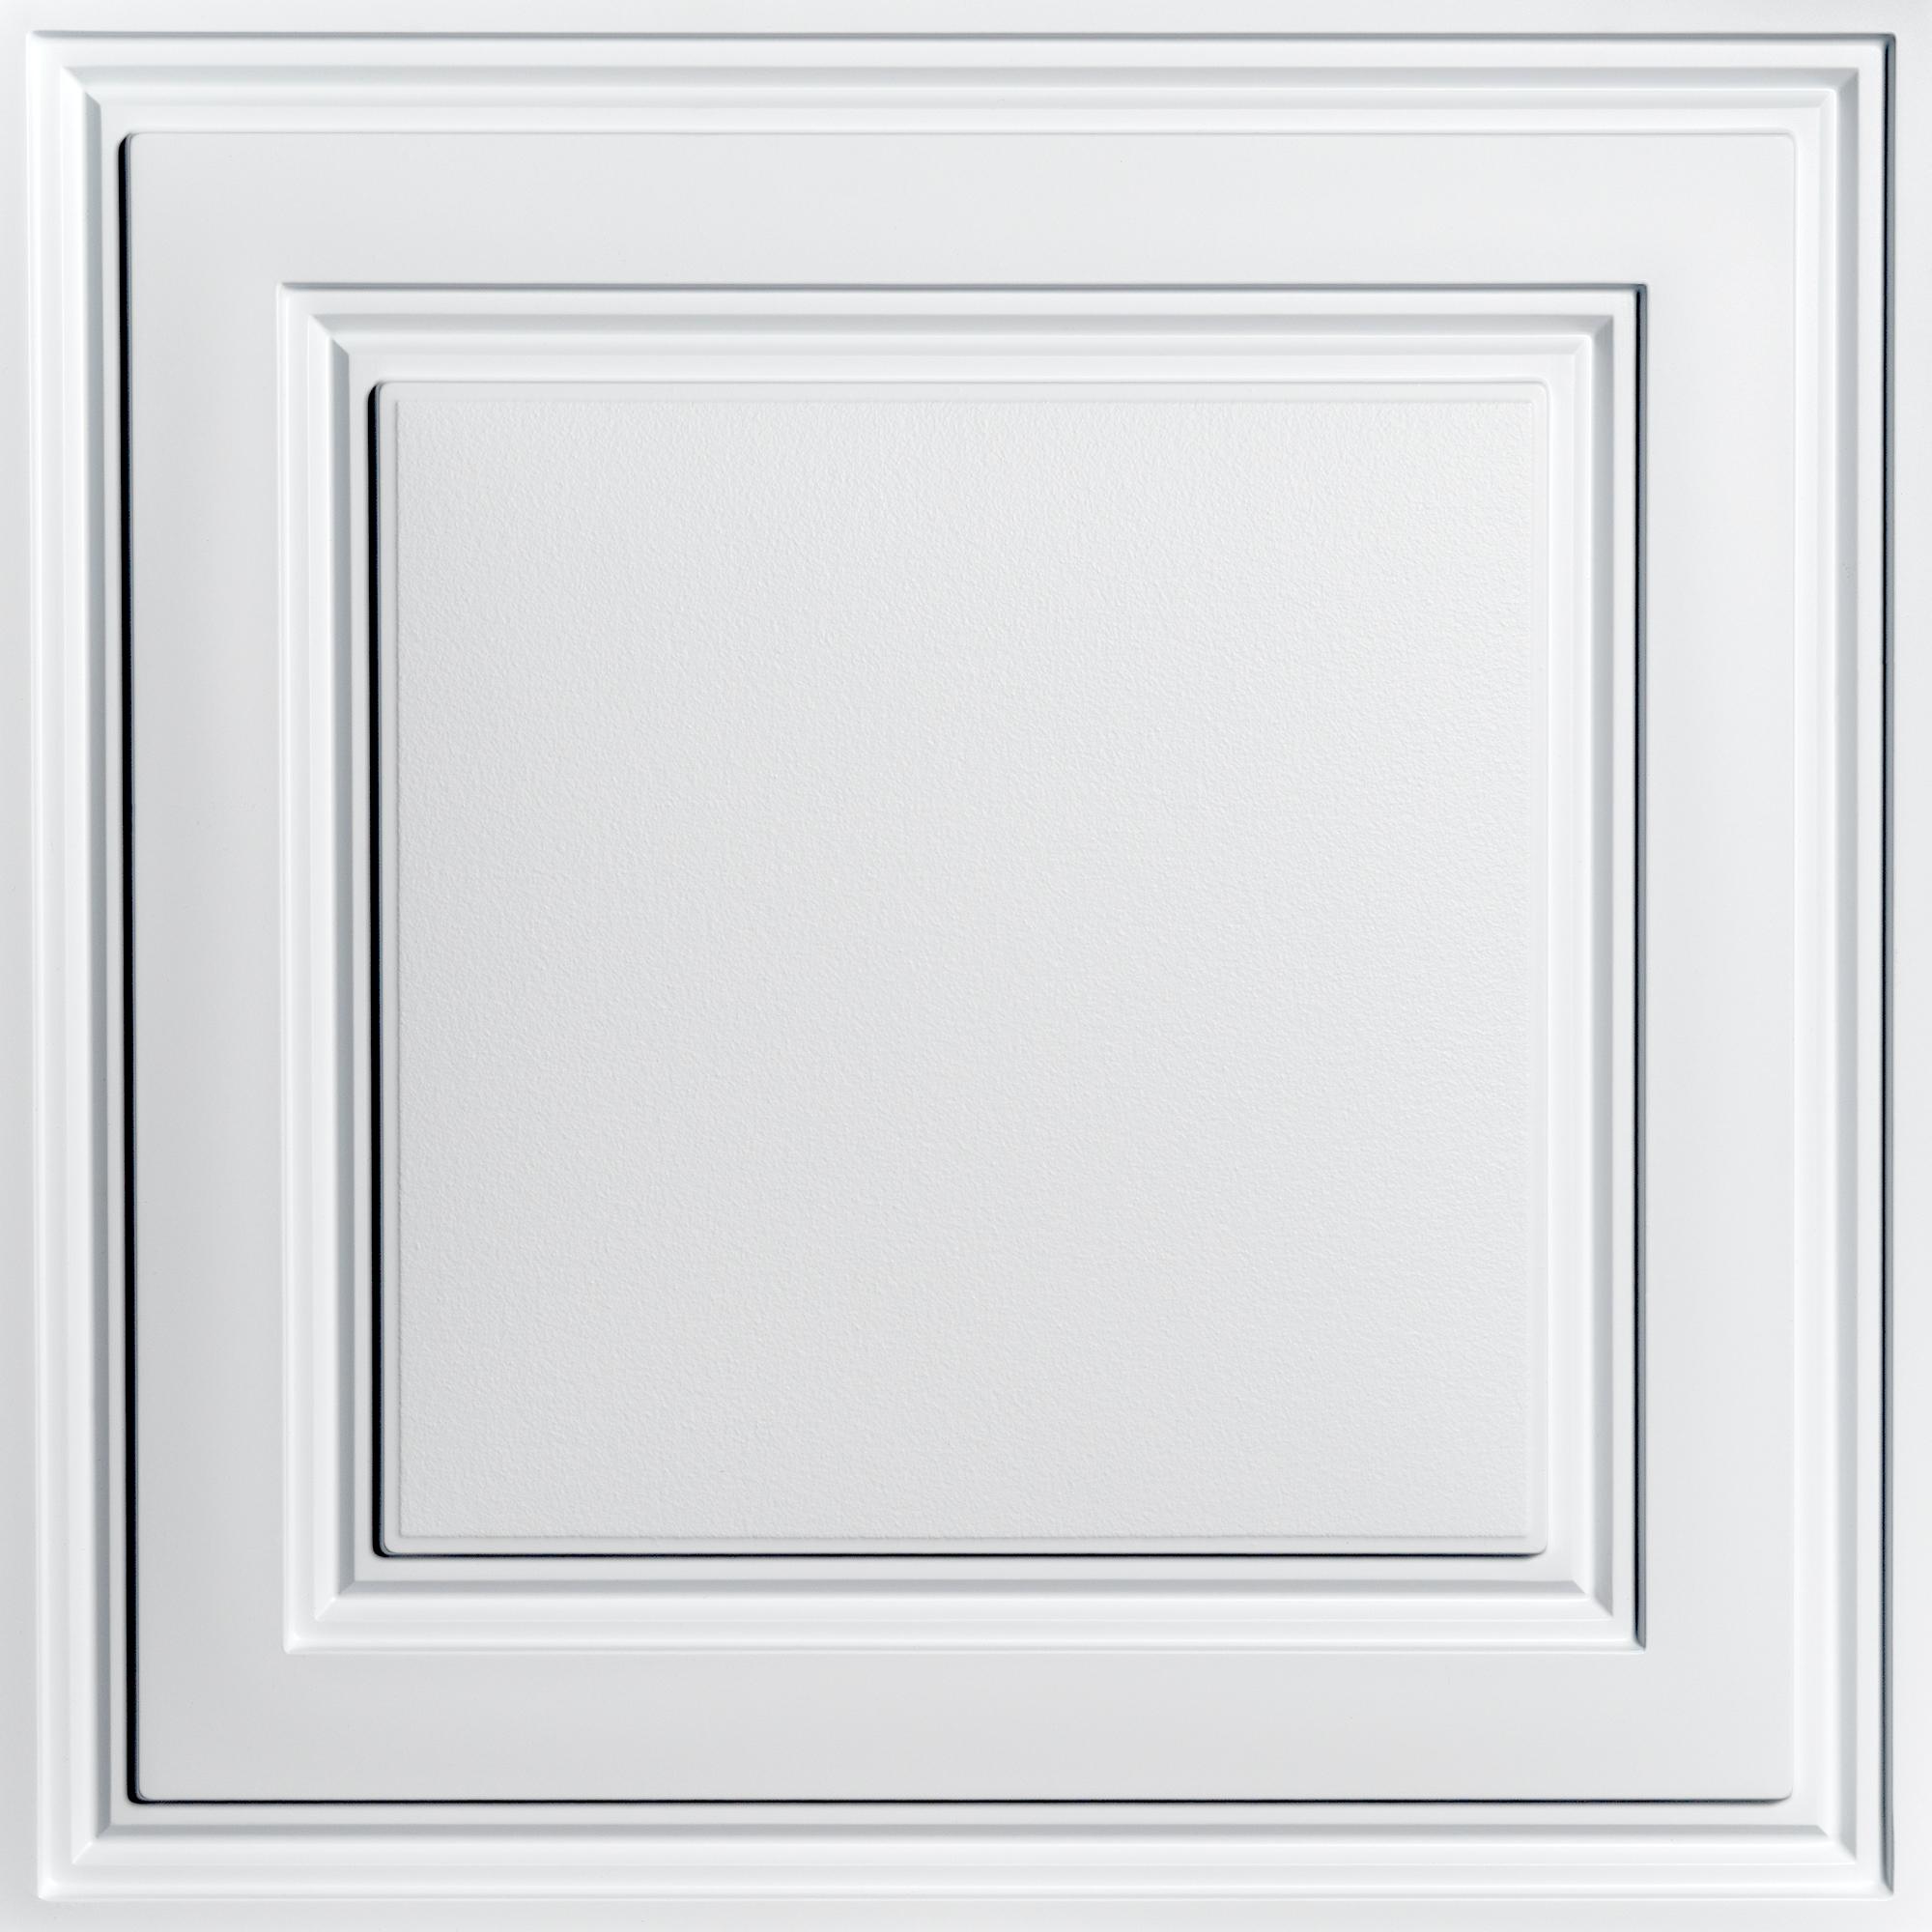 stratford ceiling tiles stratford ceiling tiles - White Ceiling Tiles